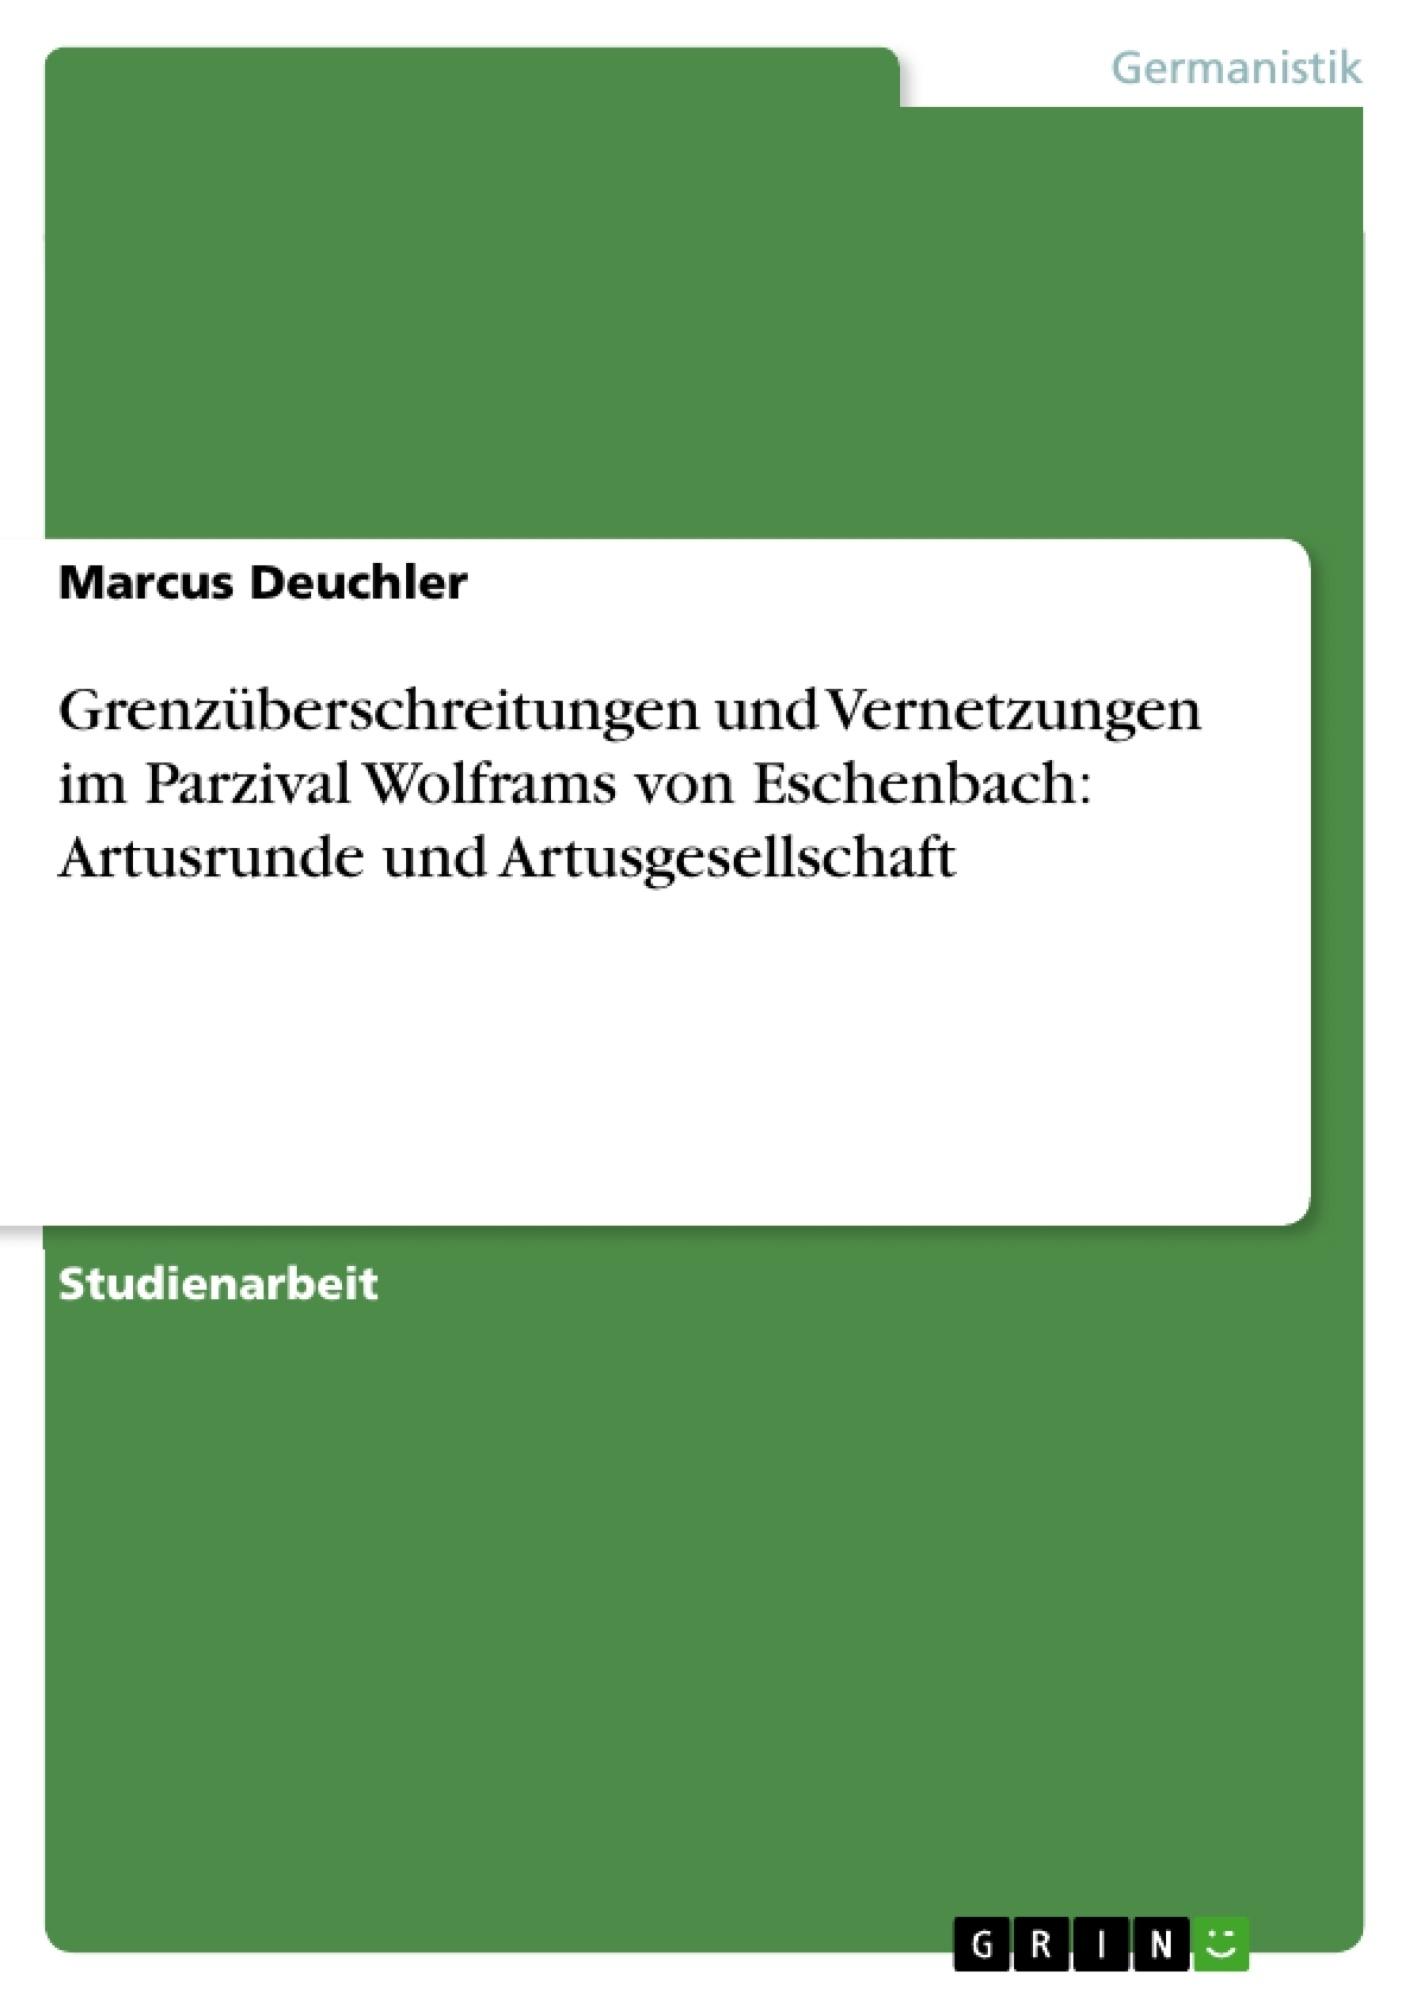 Titel: Grenzüberschreitungen und Vernetzungen im Parzival Wolframs von Eschenbach: Artusrunde und Artusgesellschaft